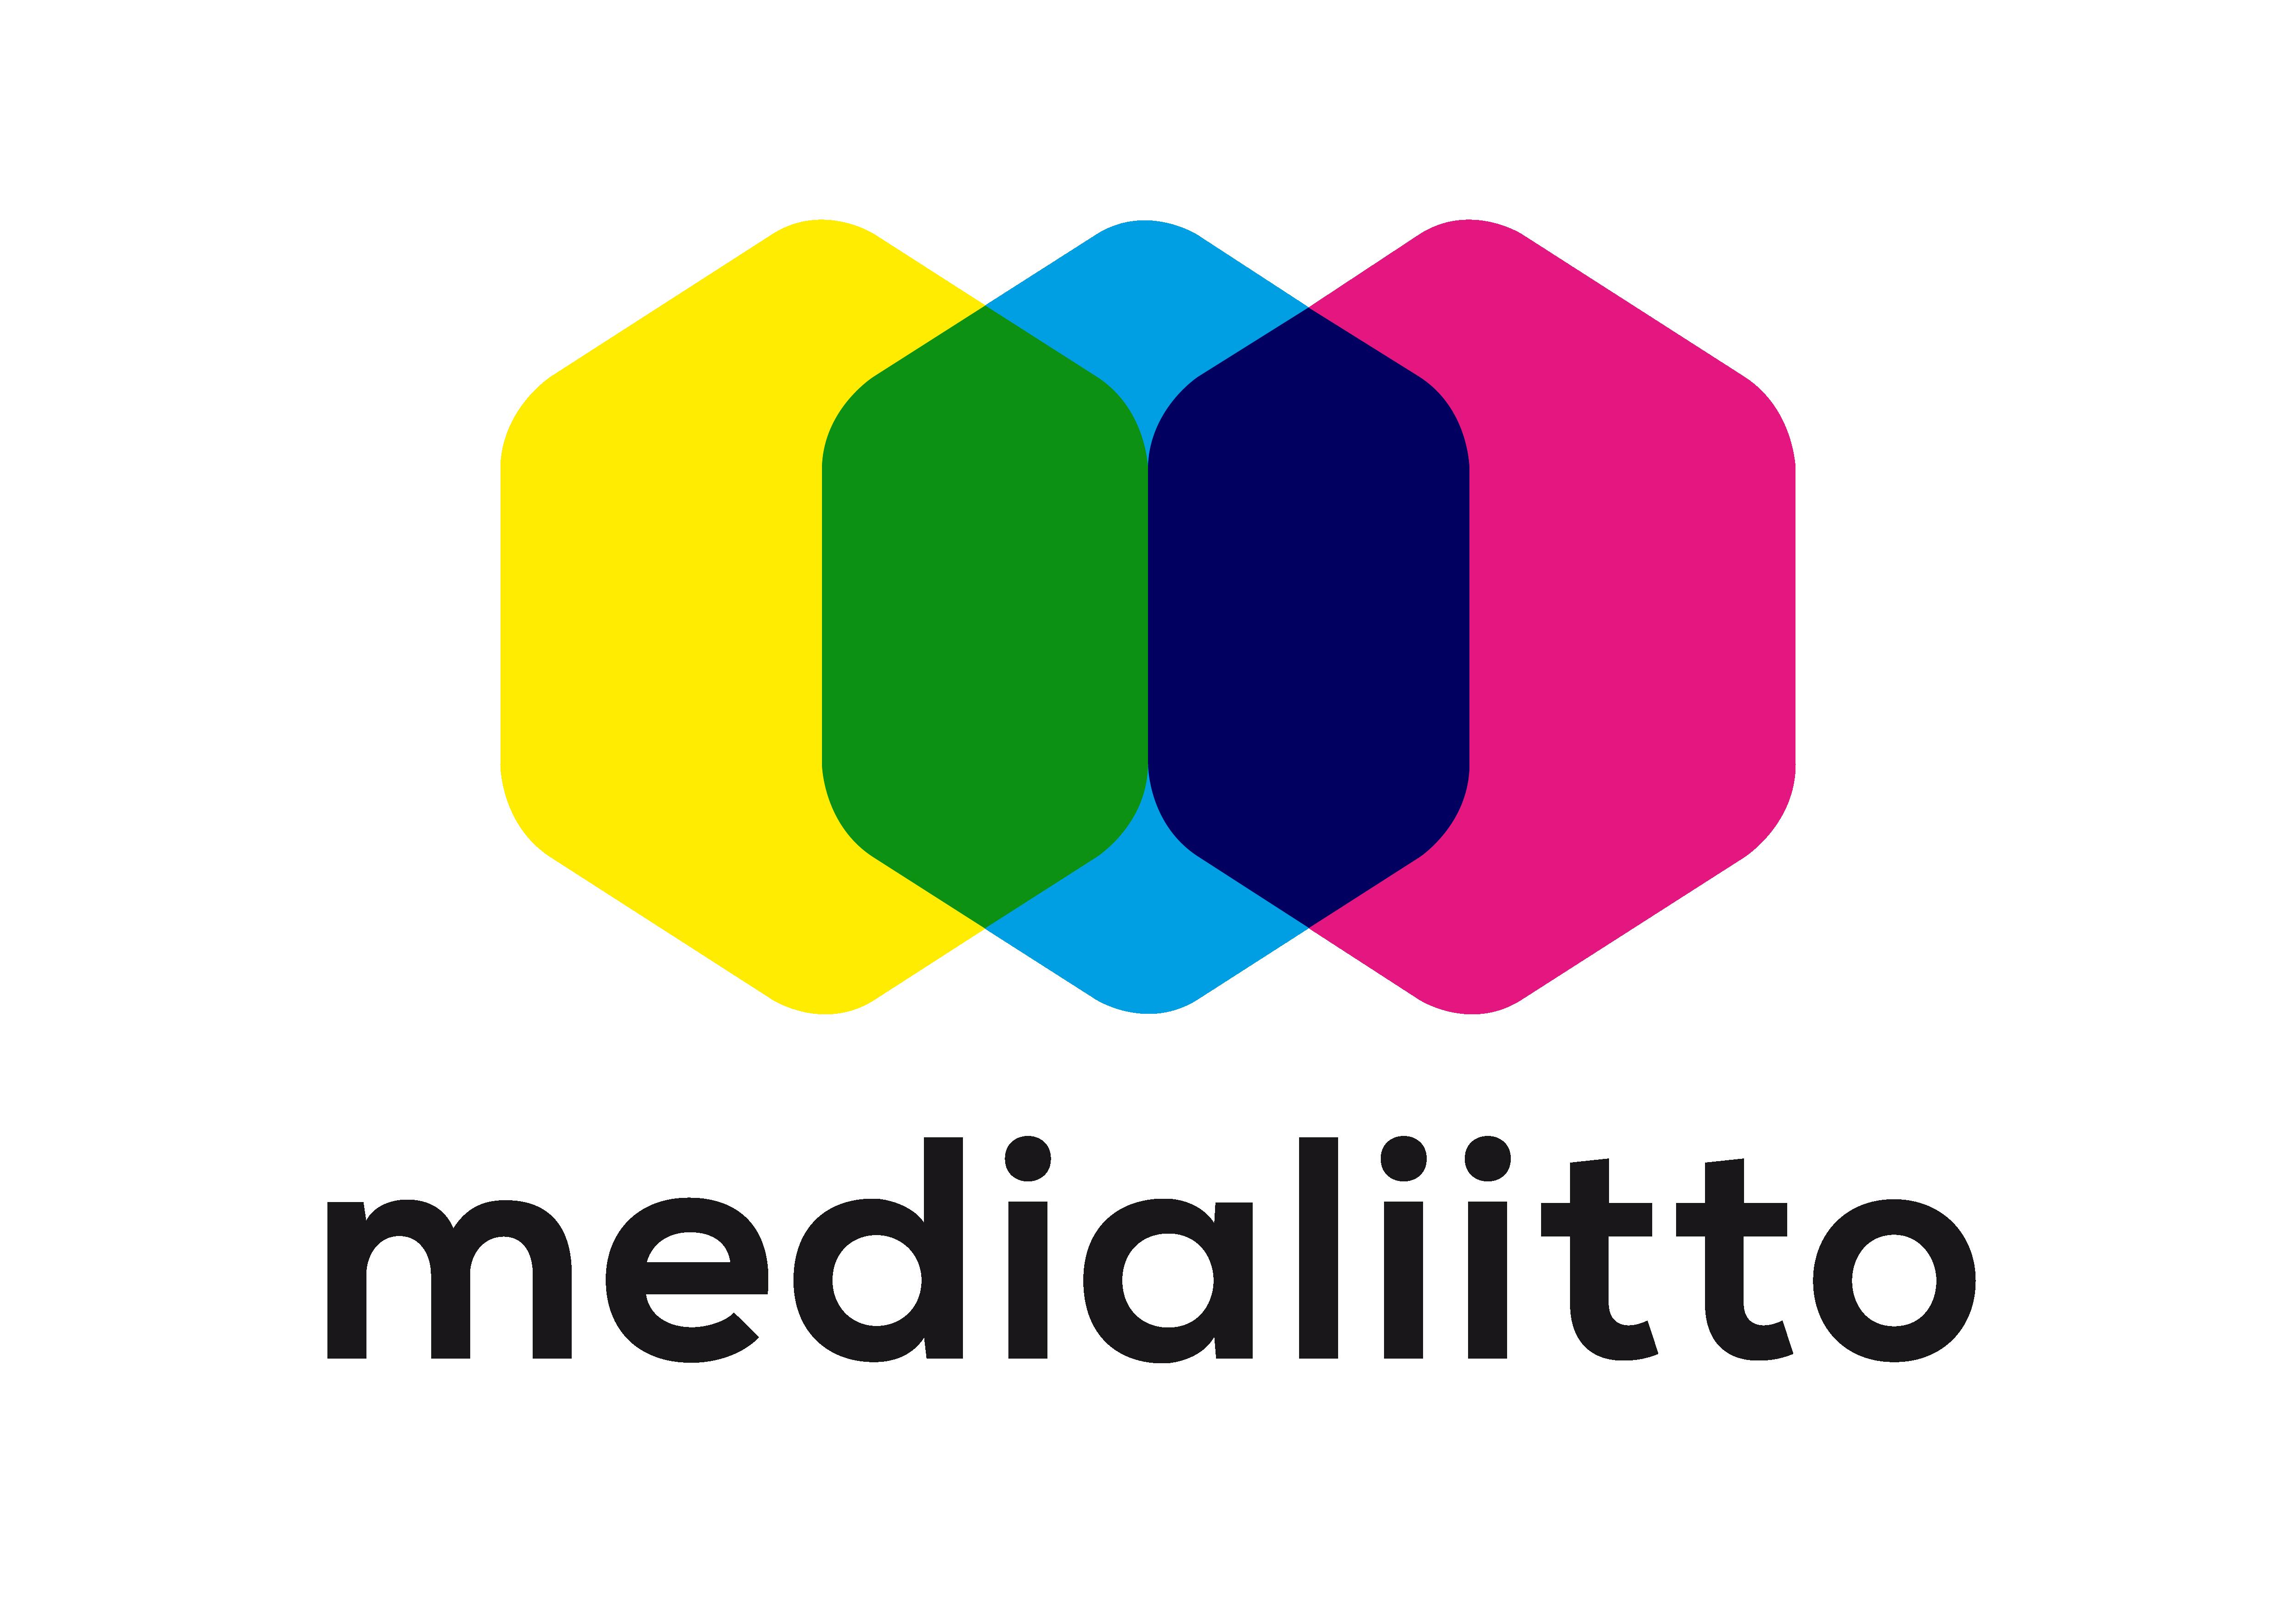 Medialiitto